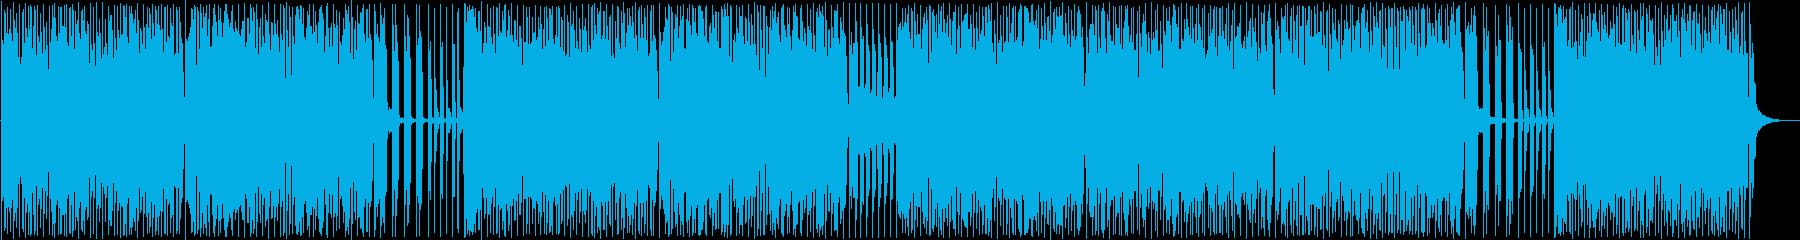 木魚のリズムが楽しい和風ポップスの再生済みの波形